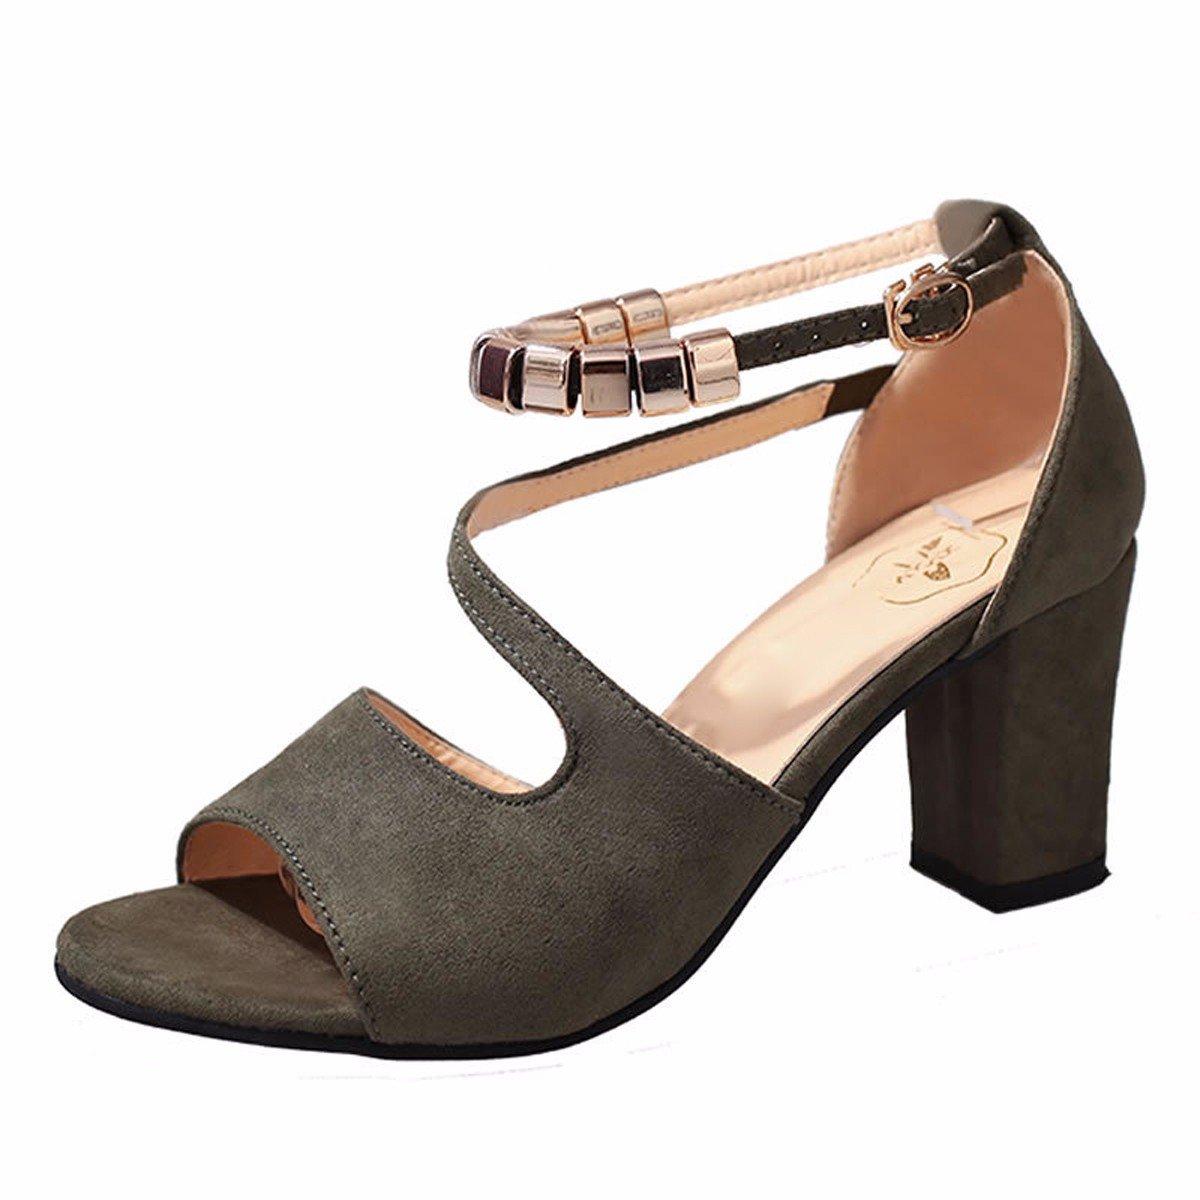 Zapatillas Sandalias Zapatos  Verano, Tacones Gruesos, Sandalias, Mujeres, Metal, Boca de Pescado, Tacones Altos, Hebillas de Metal, Zapatos Casuales EU:33|Verde